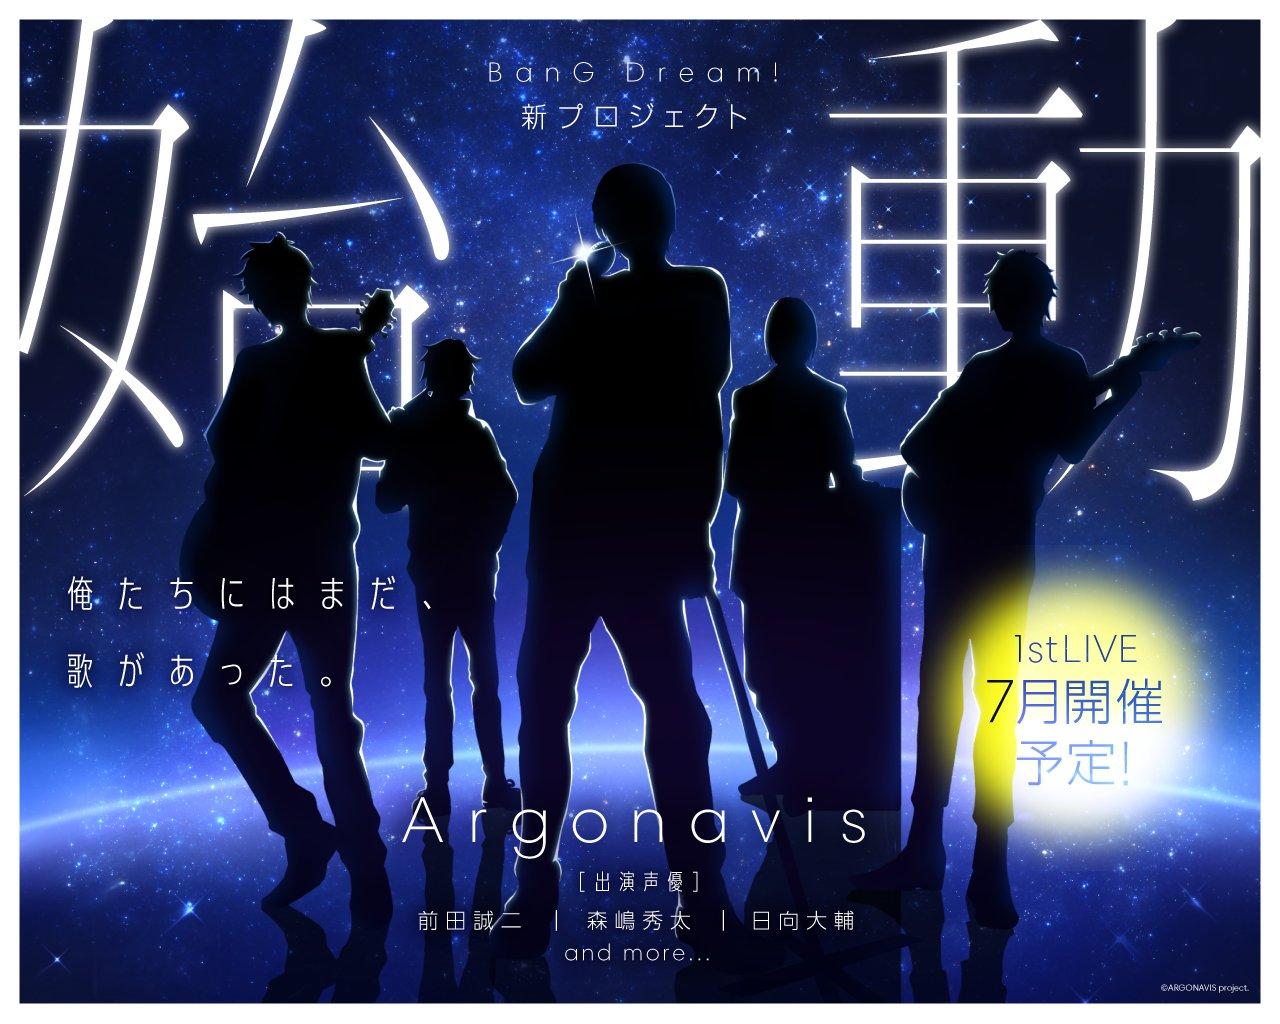 'BanG Dream!'의 새로운 프로젝트인 'Argonavis..